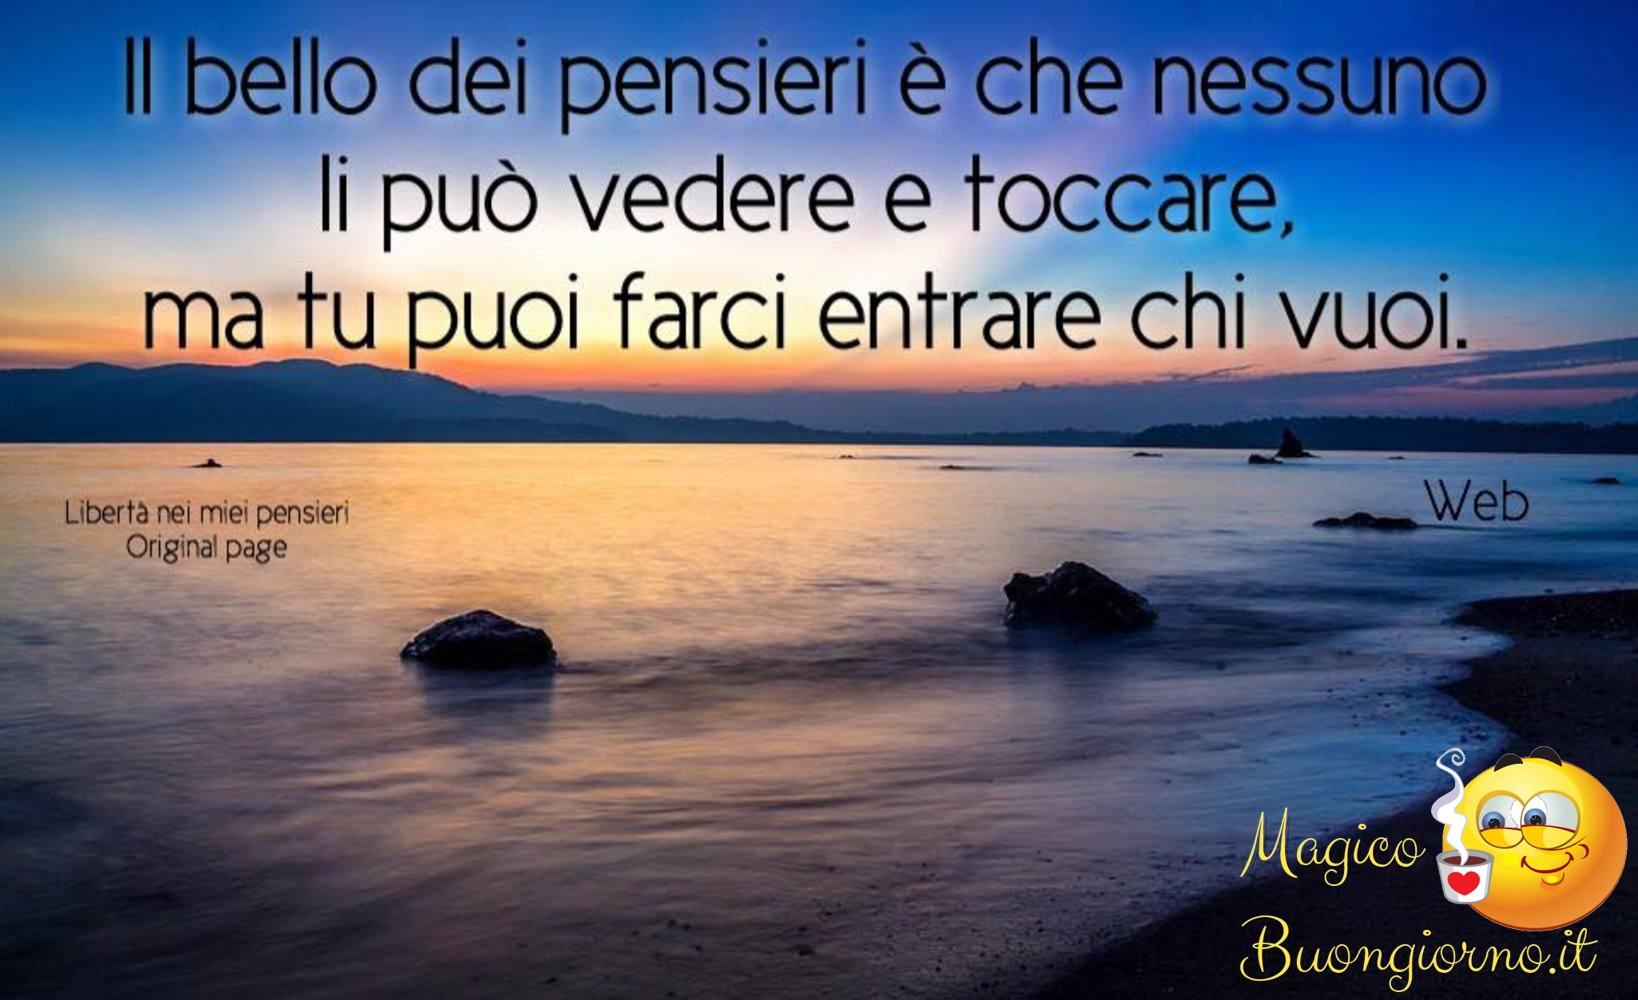 Immagini Per Whatsapp Facebook Frasi Belle Vita Magicobuongiorno It